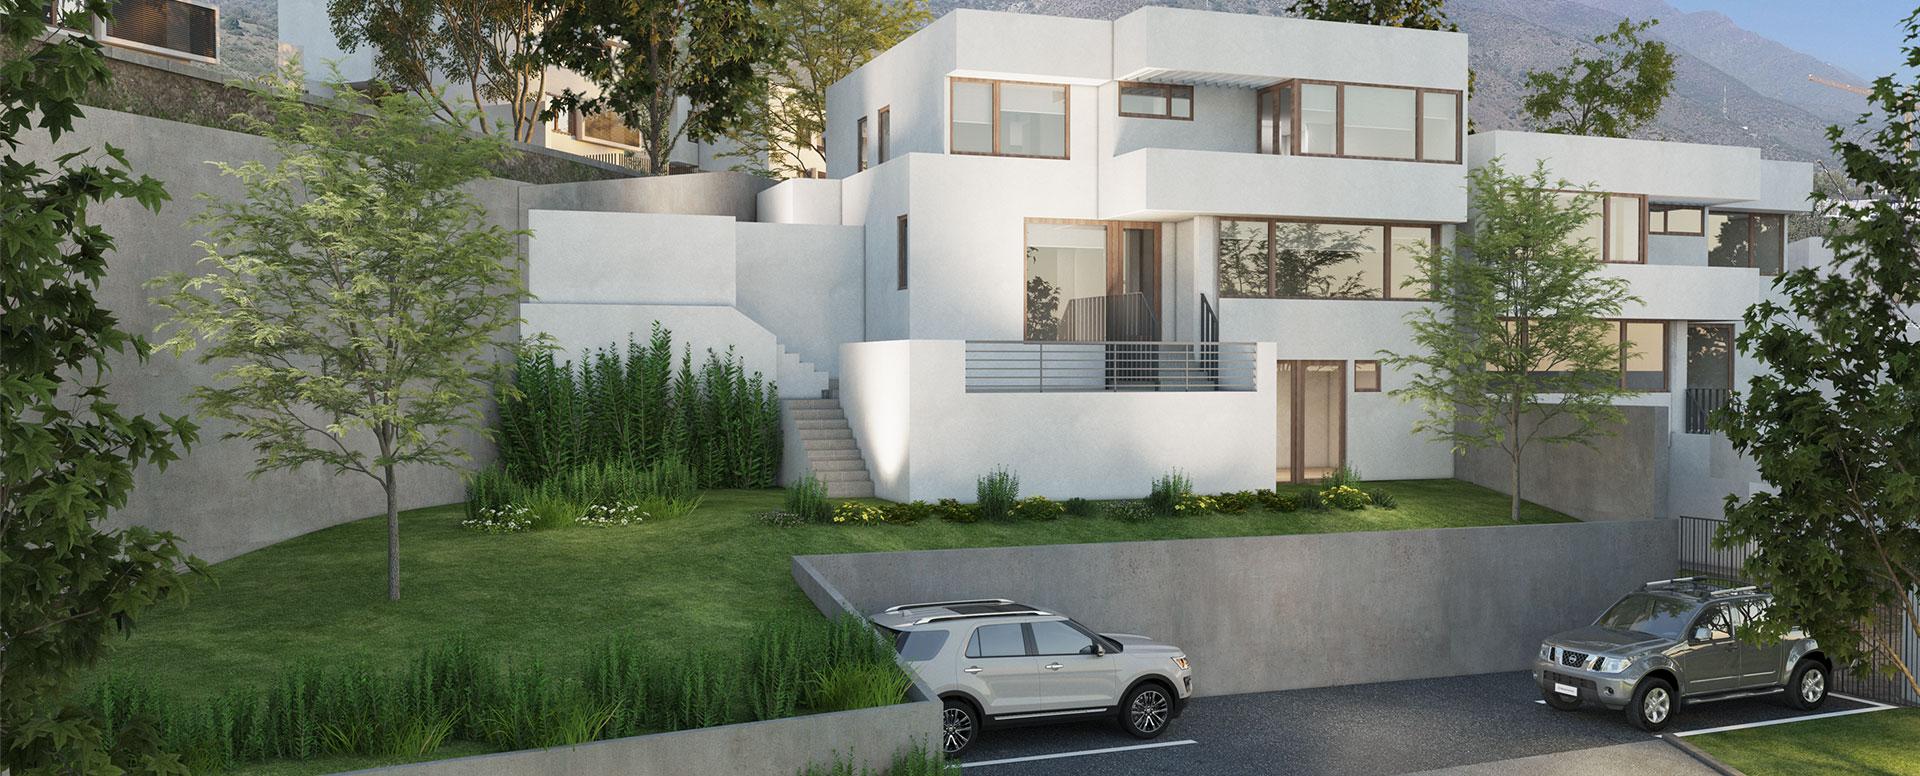 Slide05_Condominio-Don-Alvaro-en-La-Reina